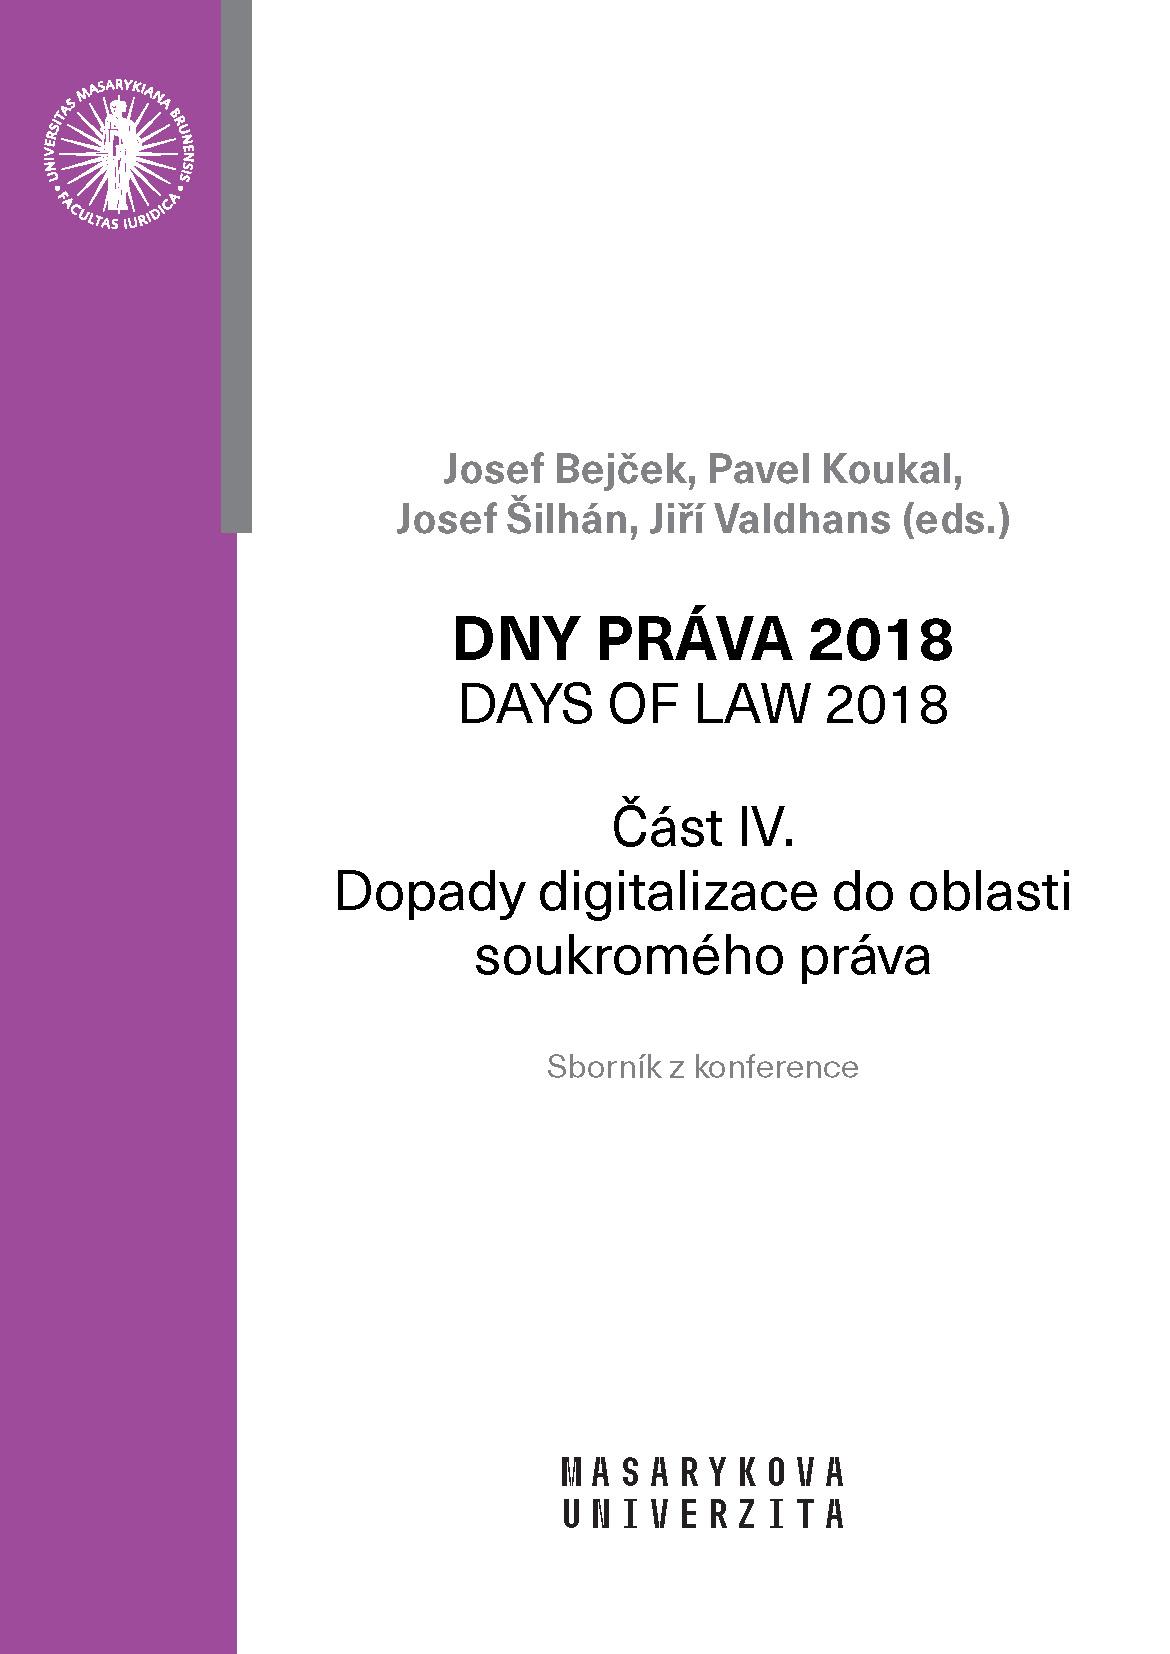 Obálka pro Dny práva 2018. Dopady digitalizace do oblasti soukromého práva